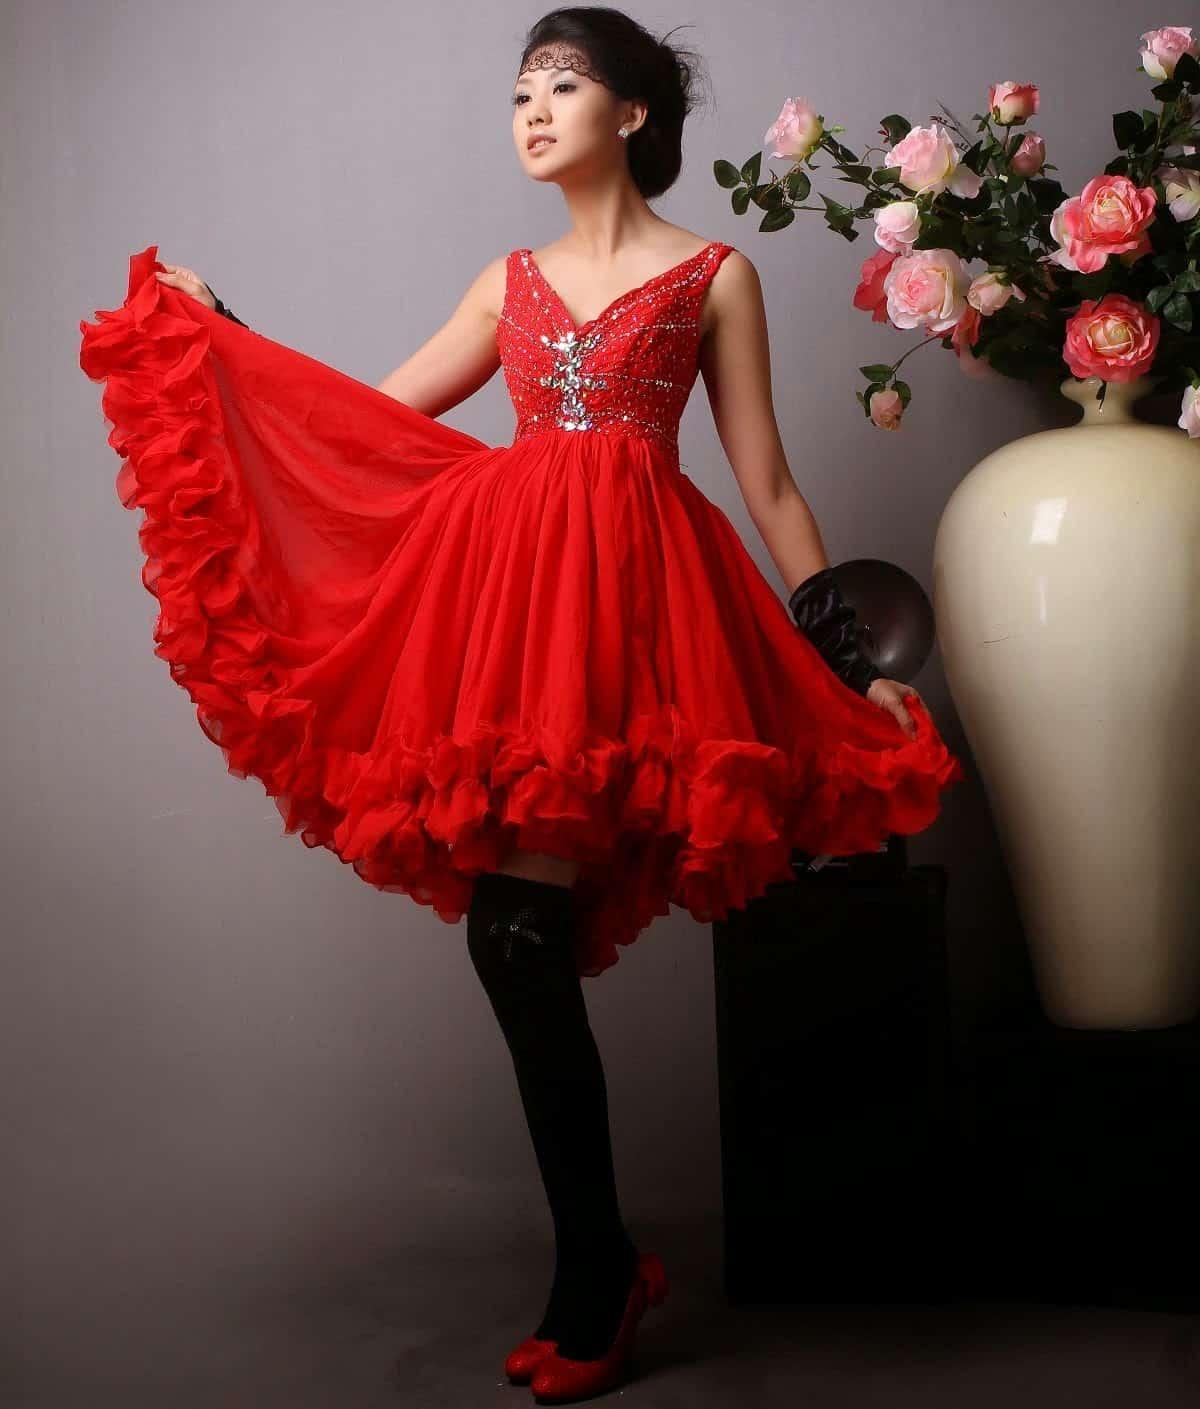 صور فساتين سهرة قصيرة باللون الأحمر متنوعة